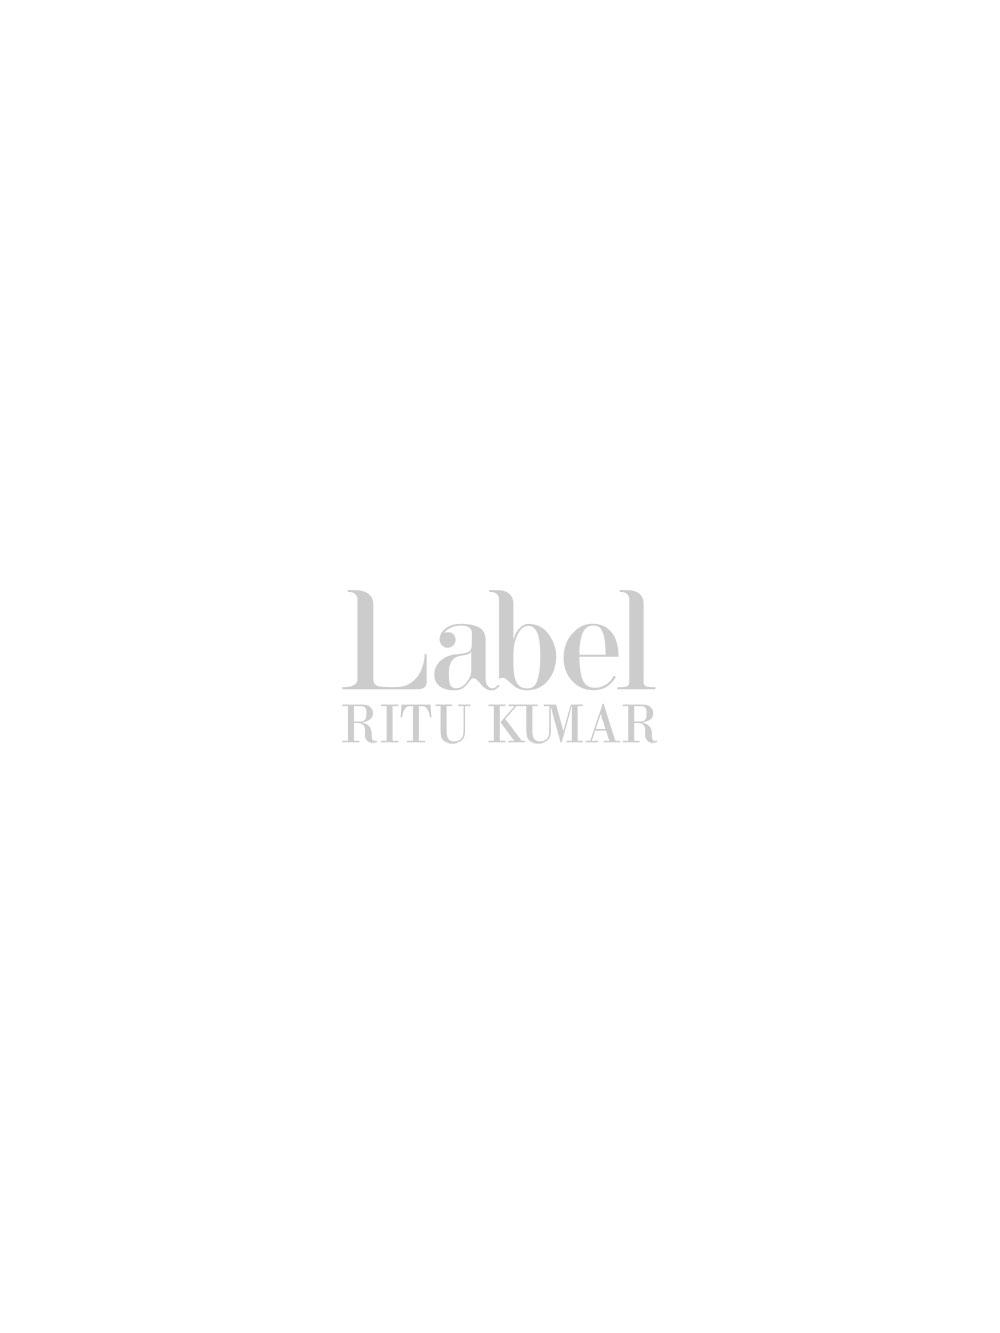 Khaki Long Dress in Signature Label Ritu Kumar Print